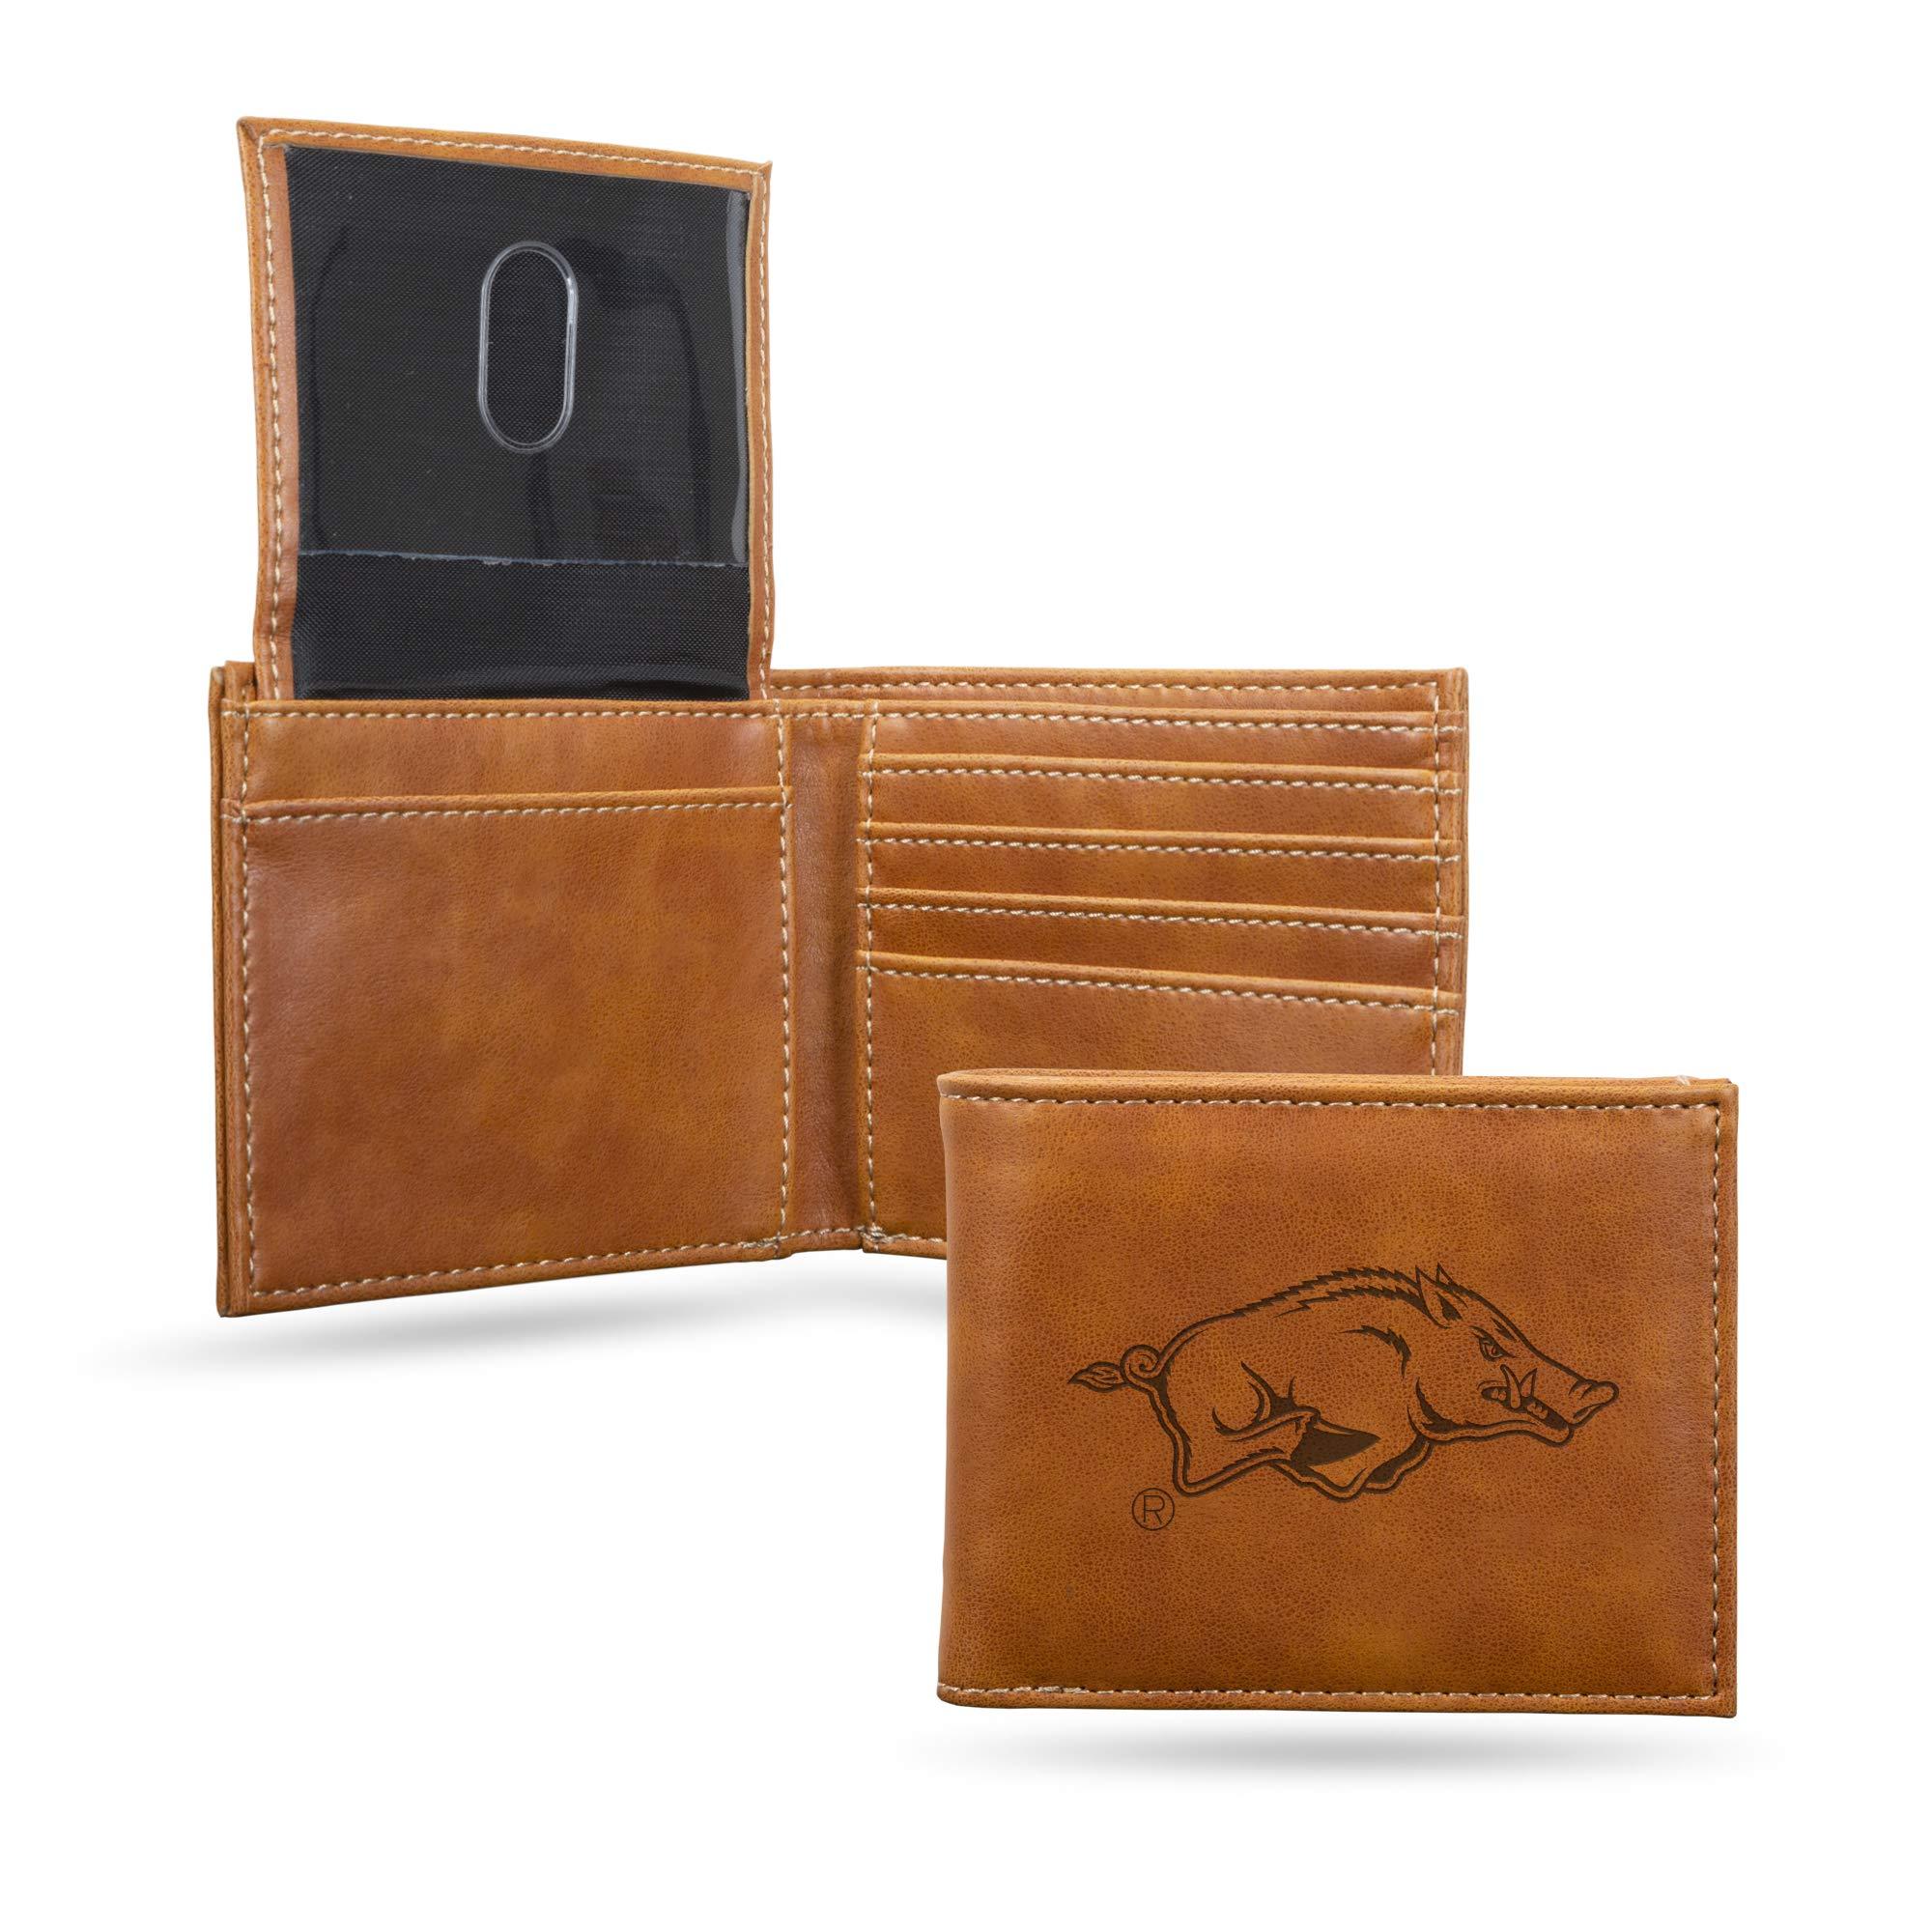 NCAA Rico Industries  Laser Engraved Billfold Wallet, Arkansas Razorbacks